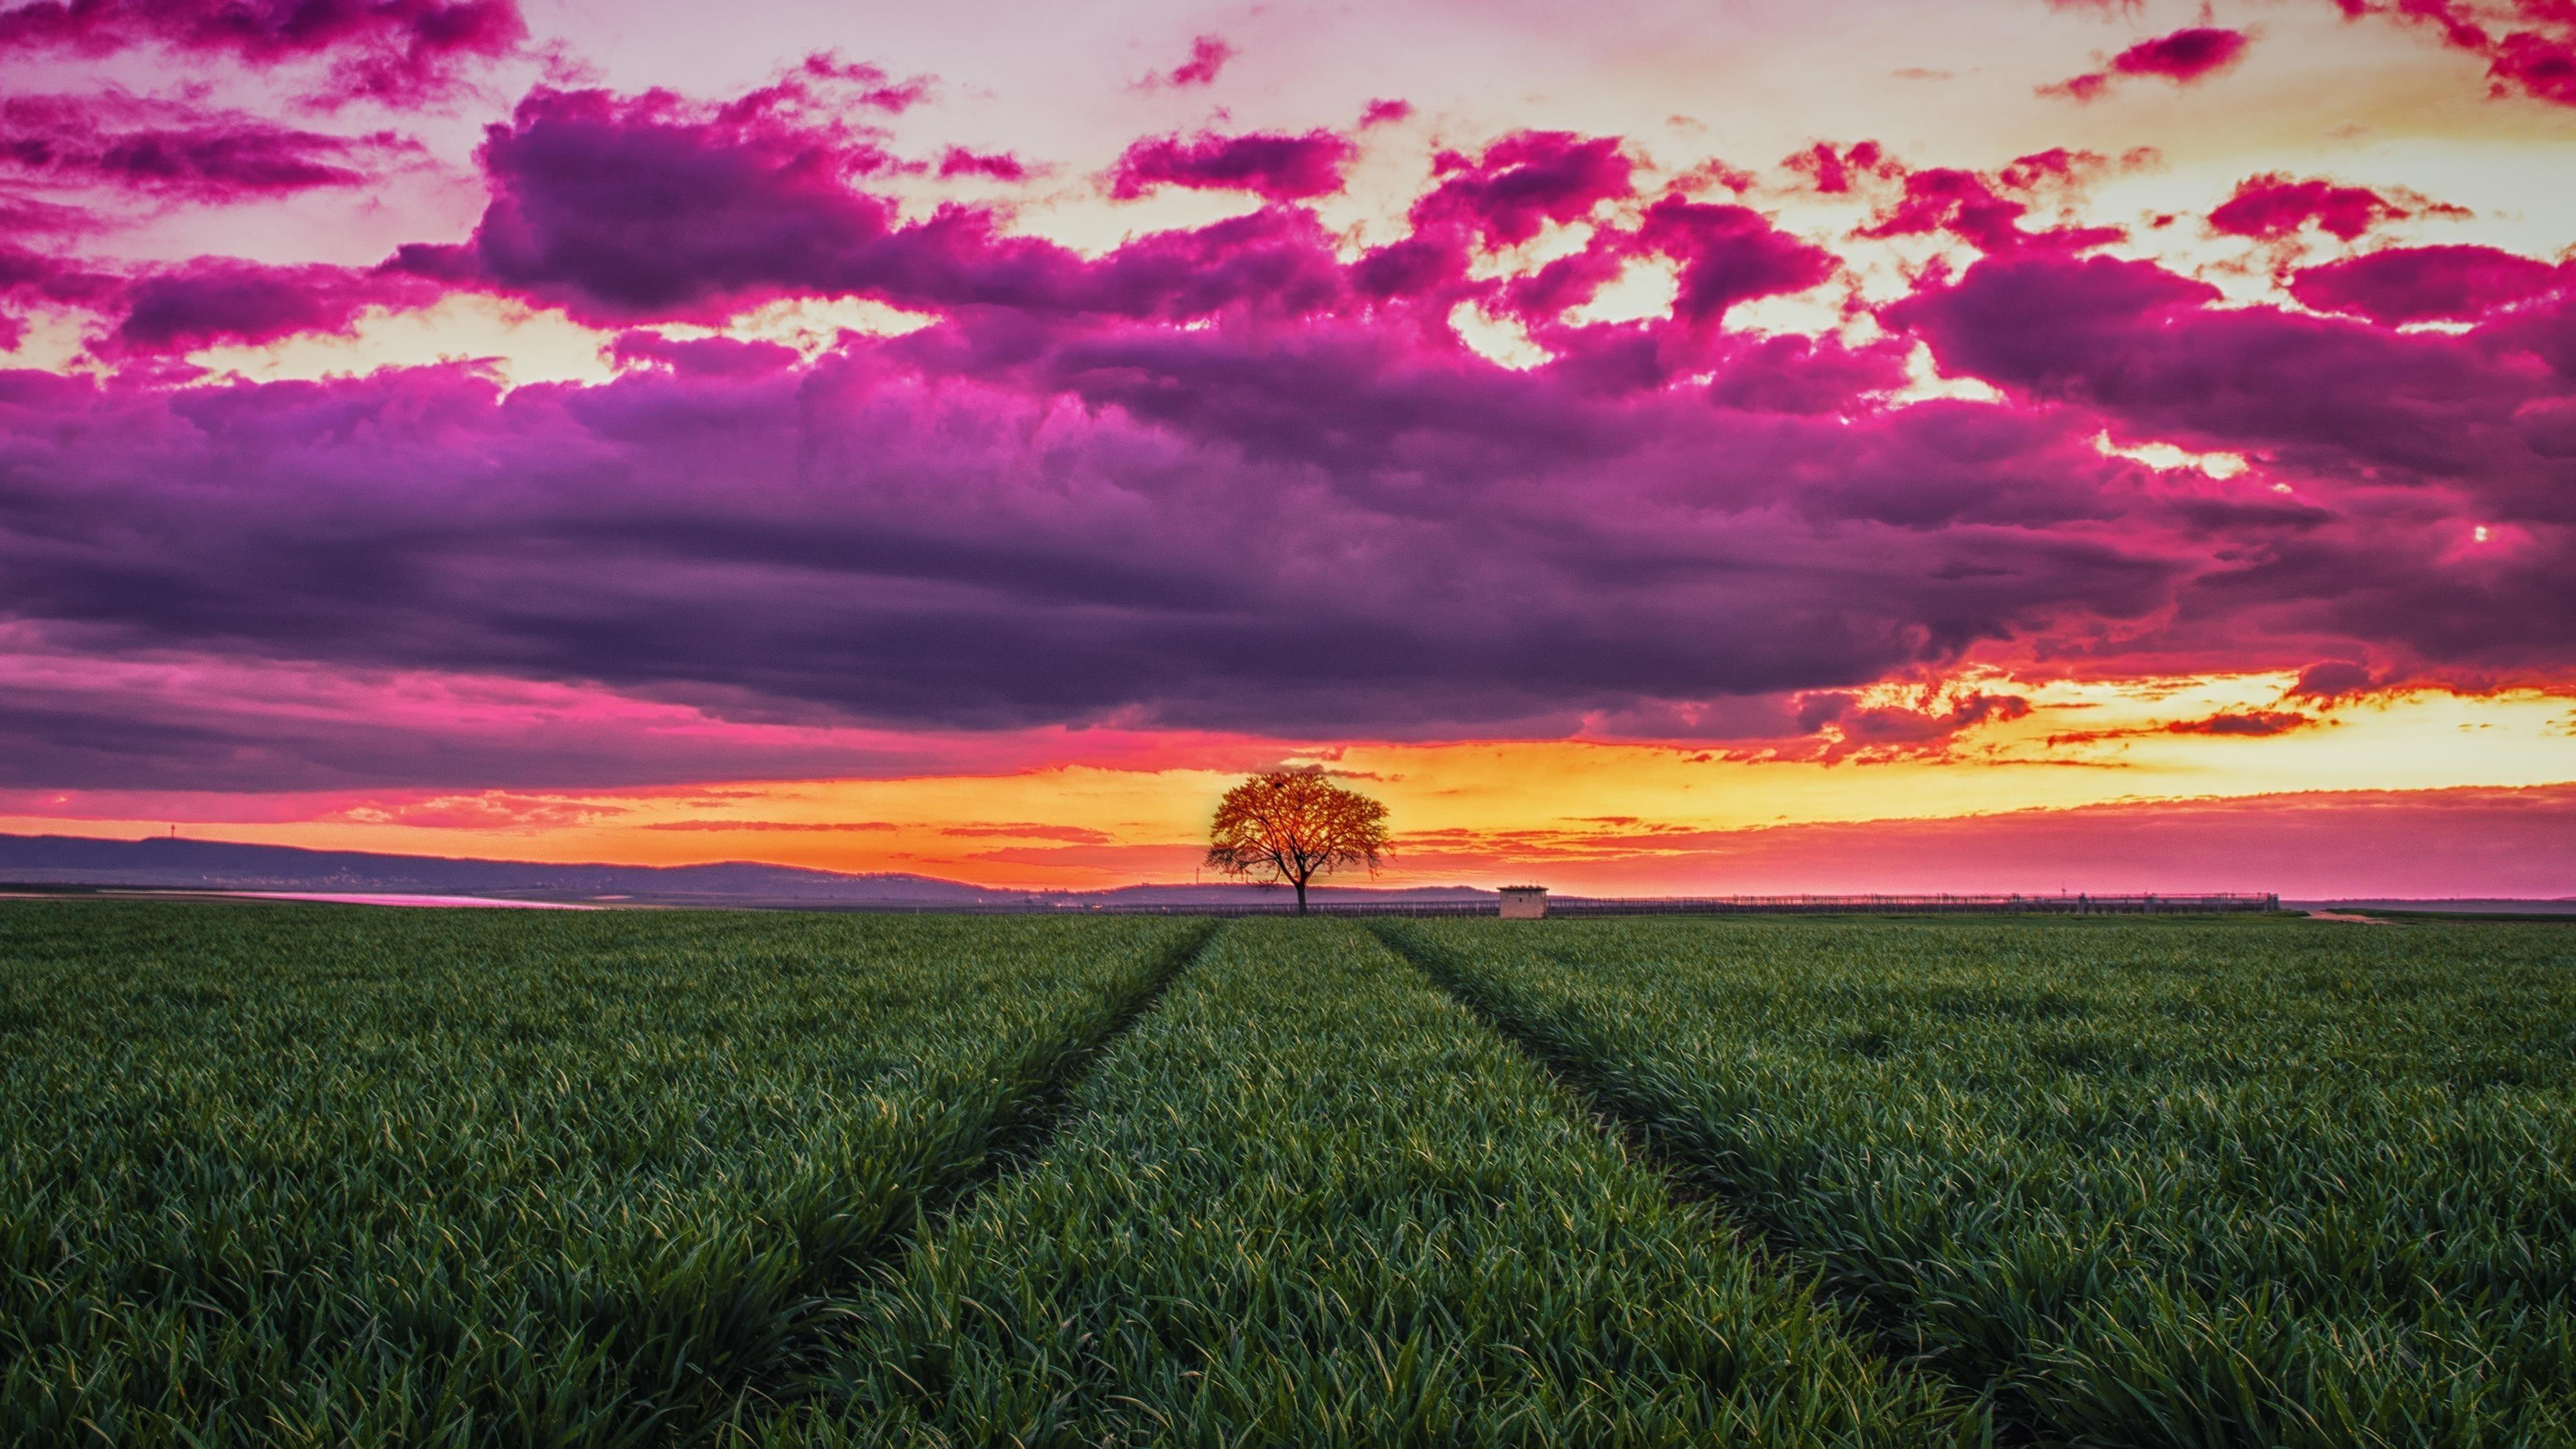 Закат пейзаж горизонт обои скачать